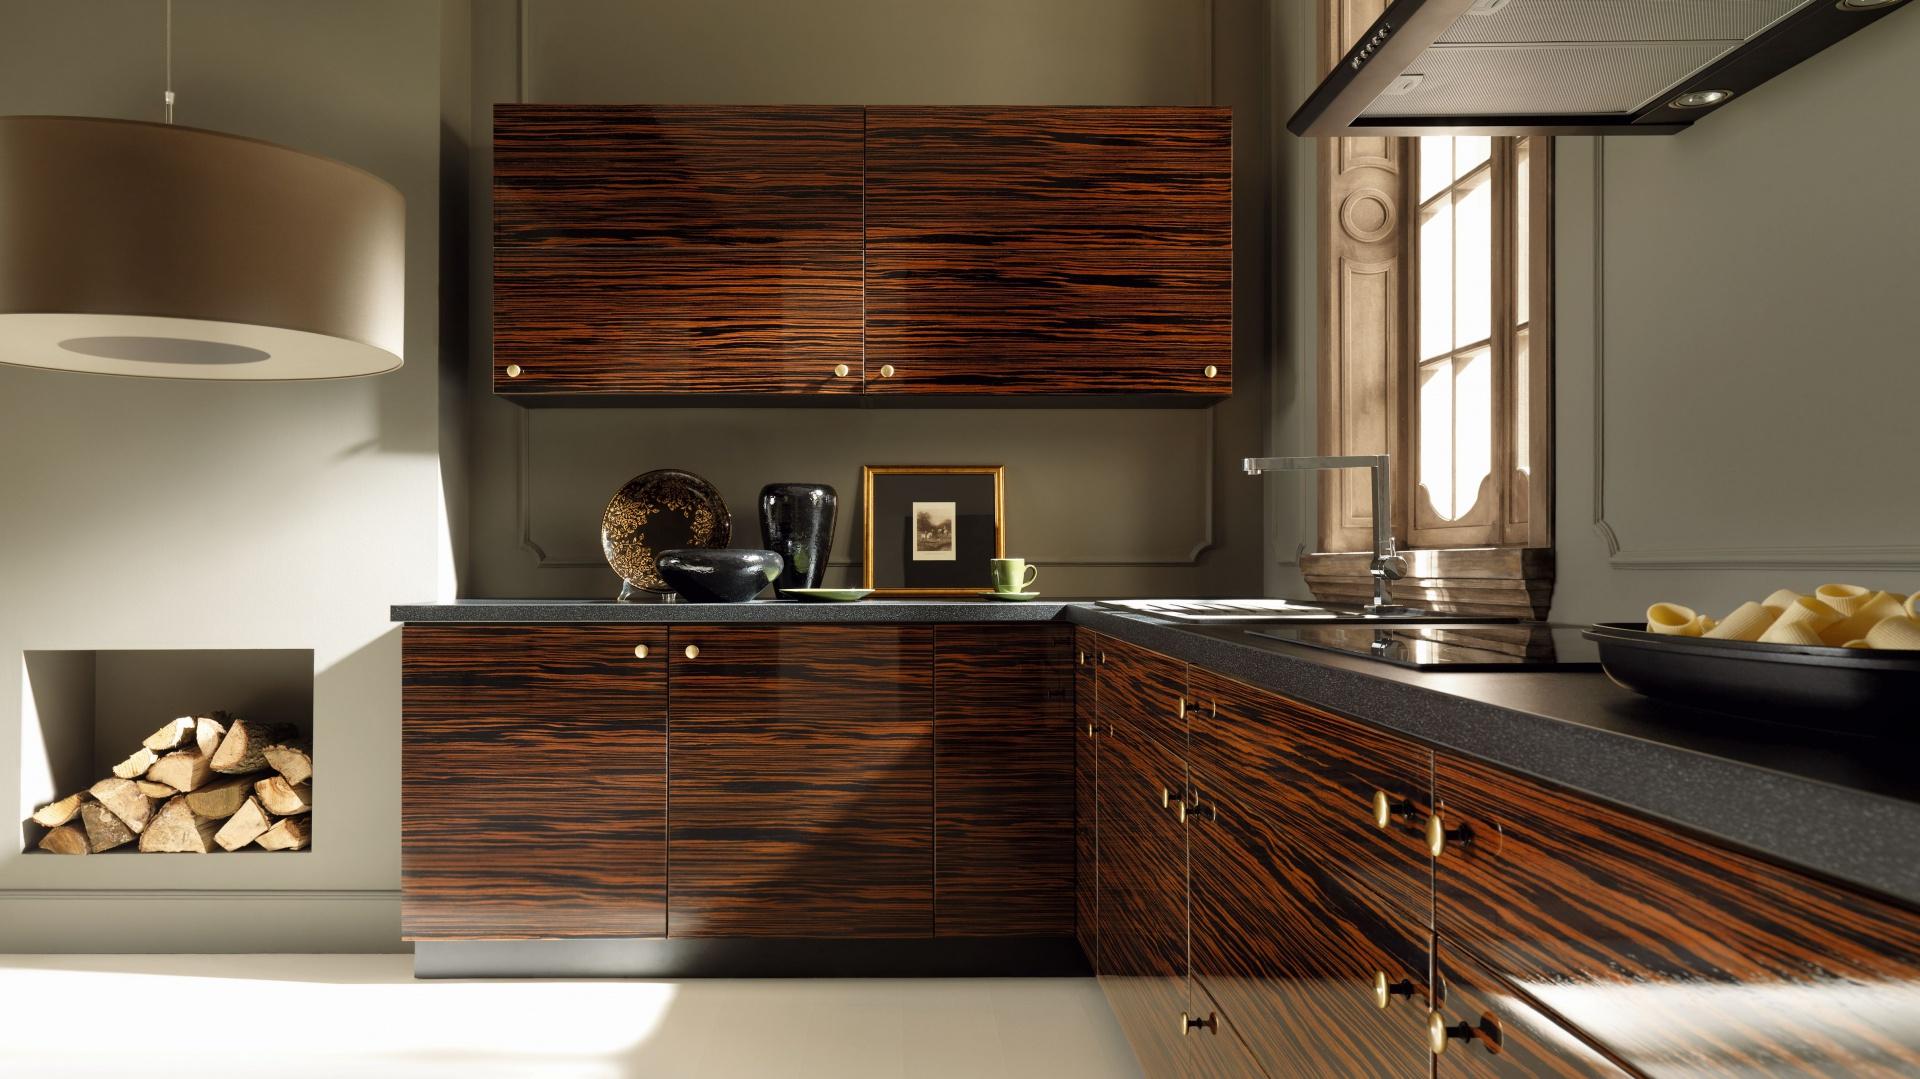 Ciepla Kuchnia W Kolorze Drewna Propozycje Producentow